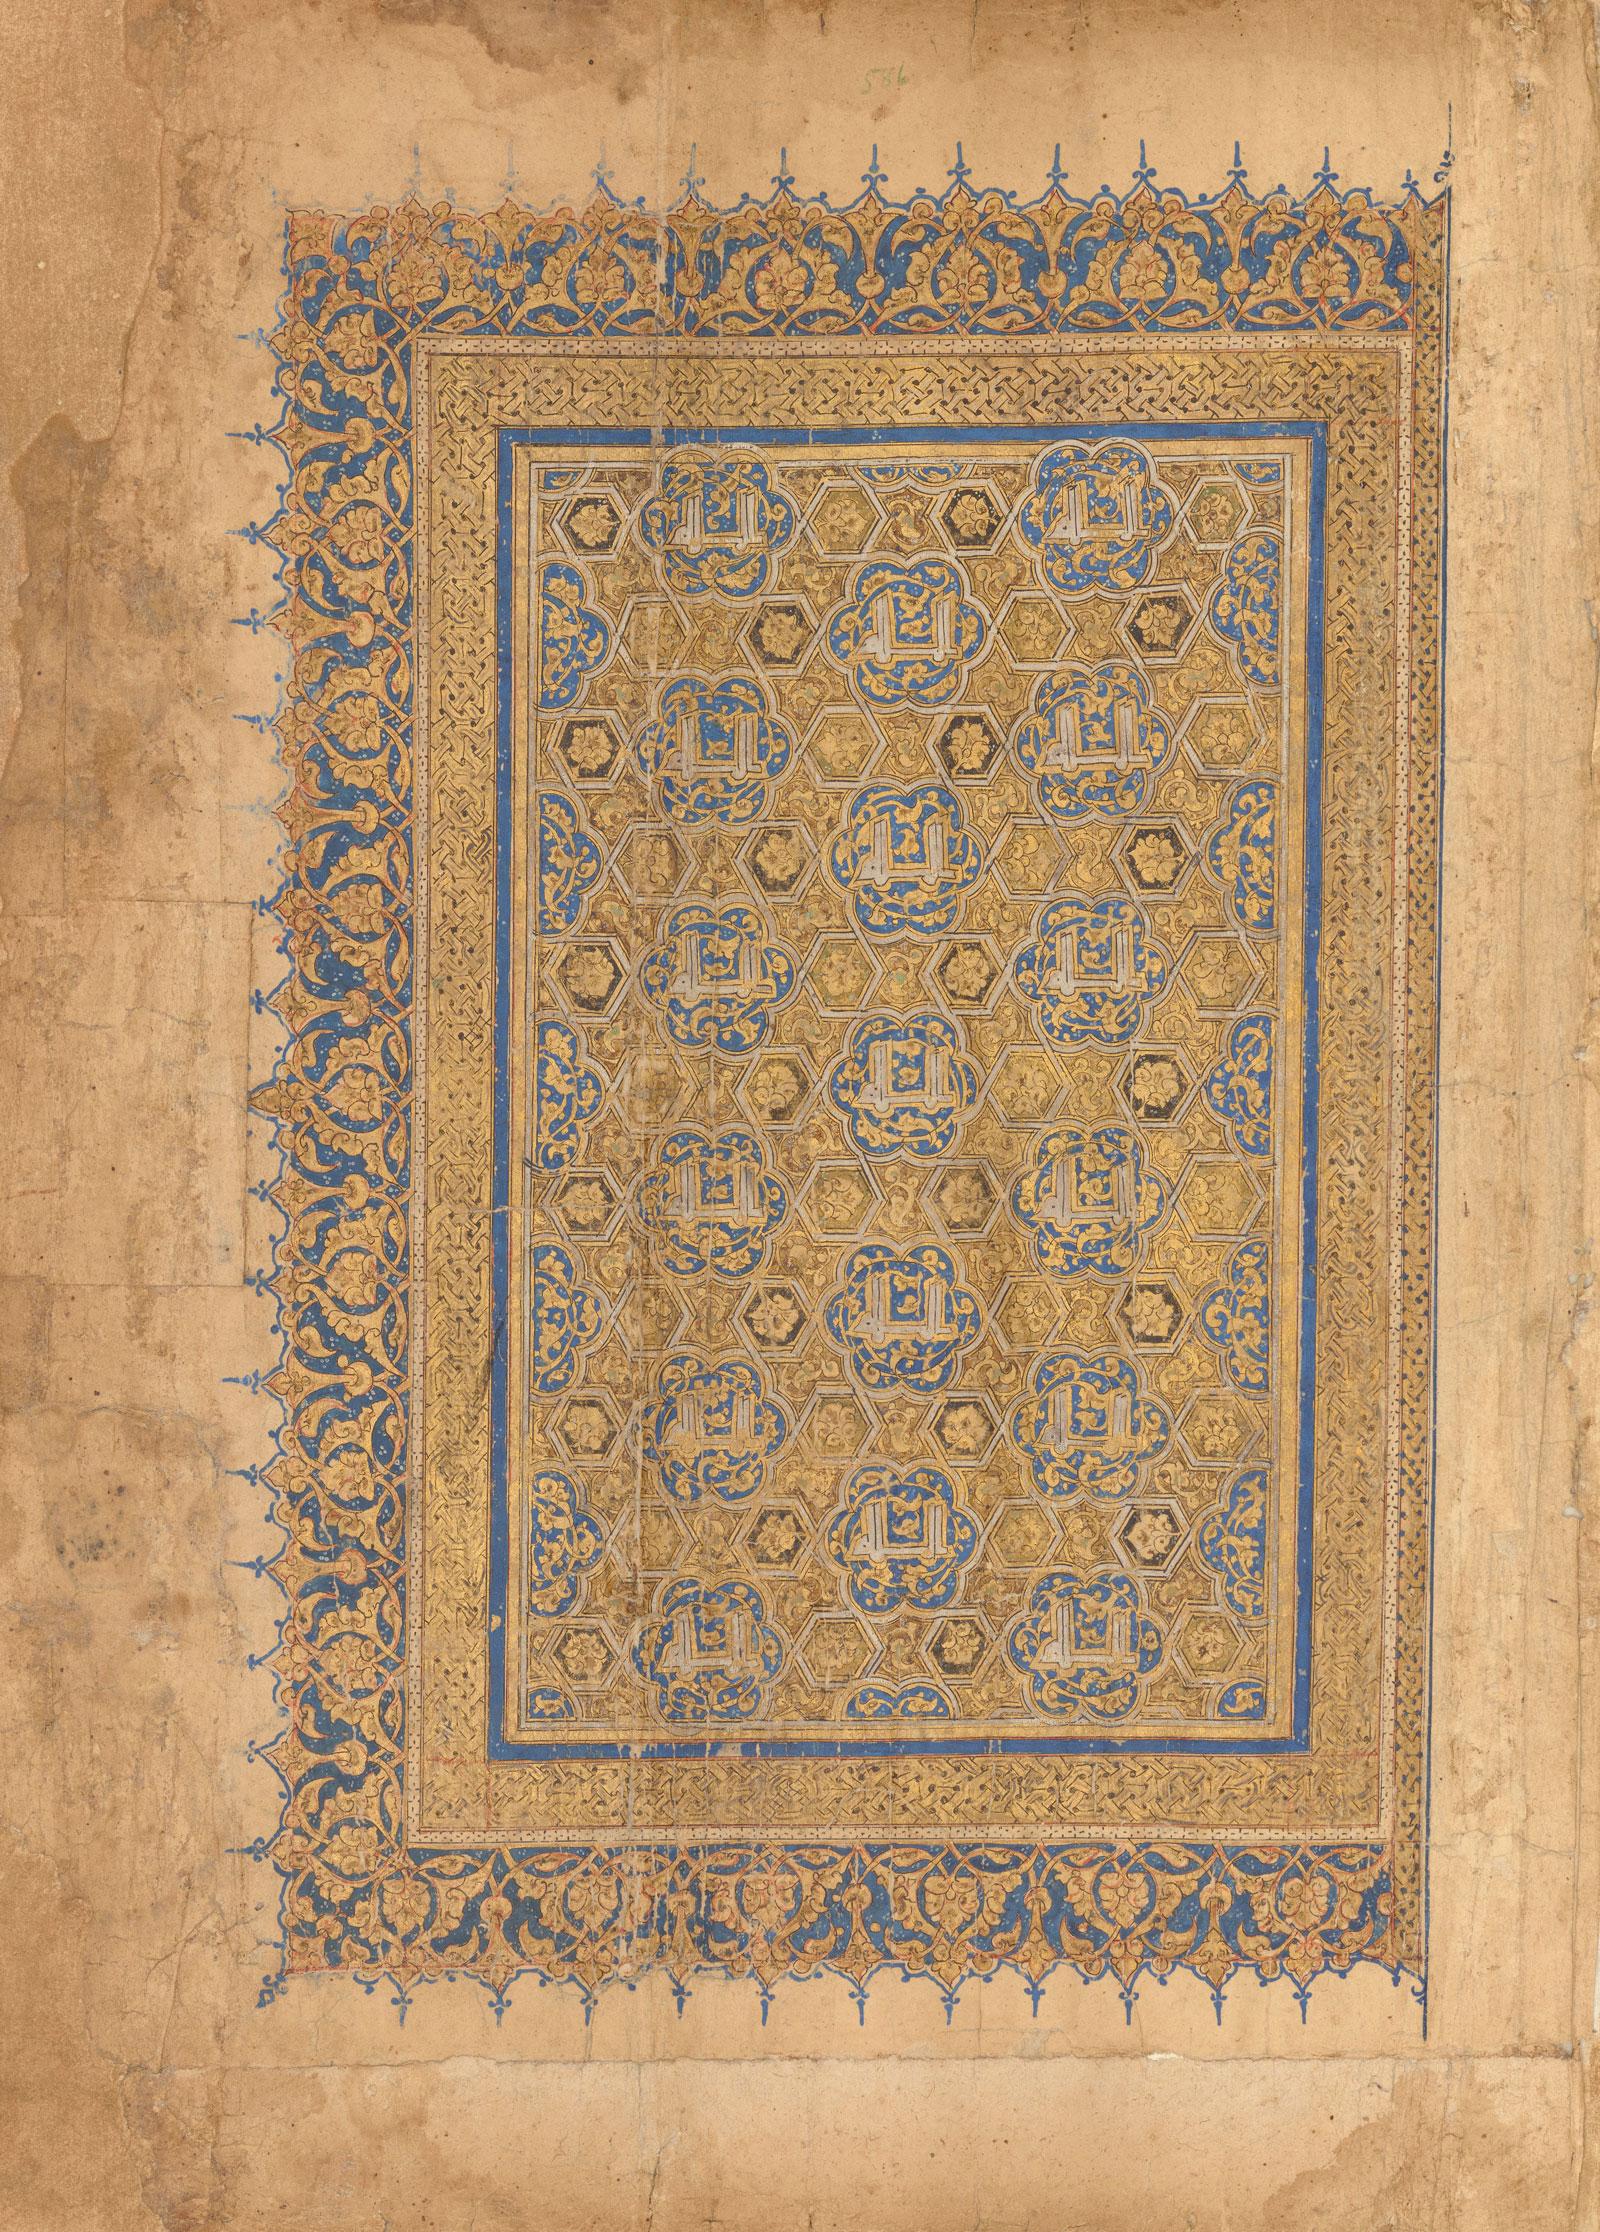 Koran copied by Al-Husayn ibn Muhammad al-Husayni, possibly Mosul, Iraq, Il-Khanid period, 1303